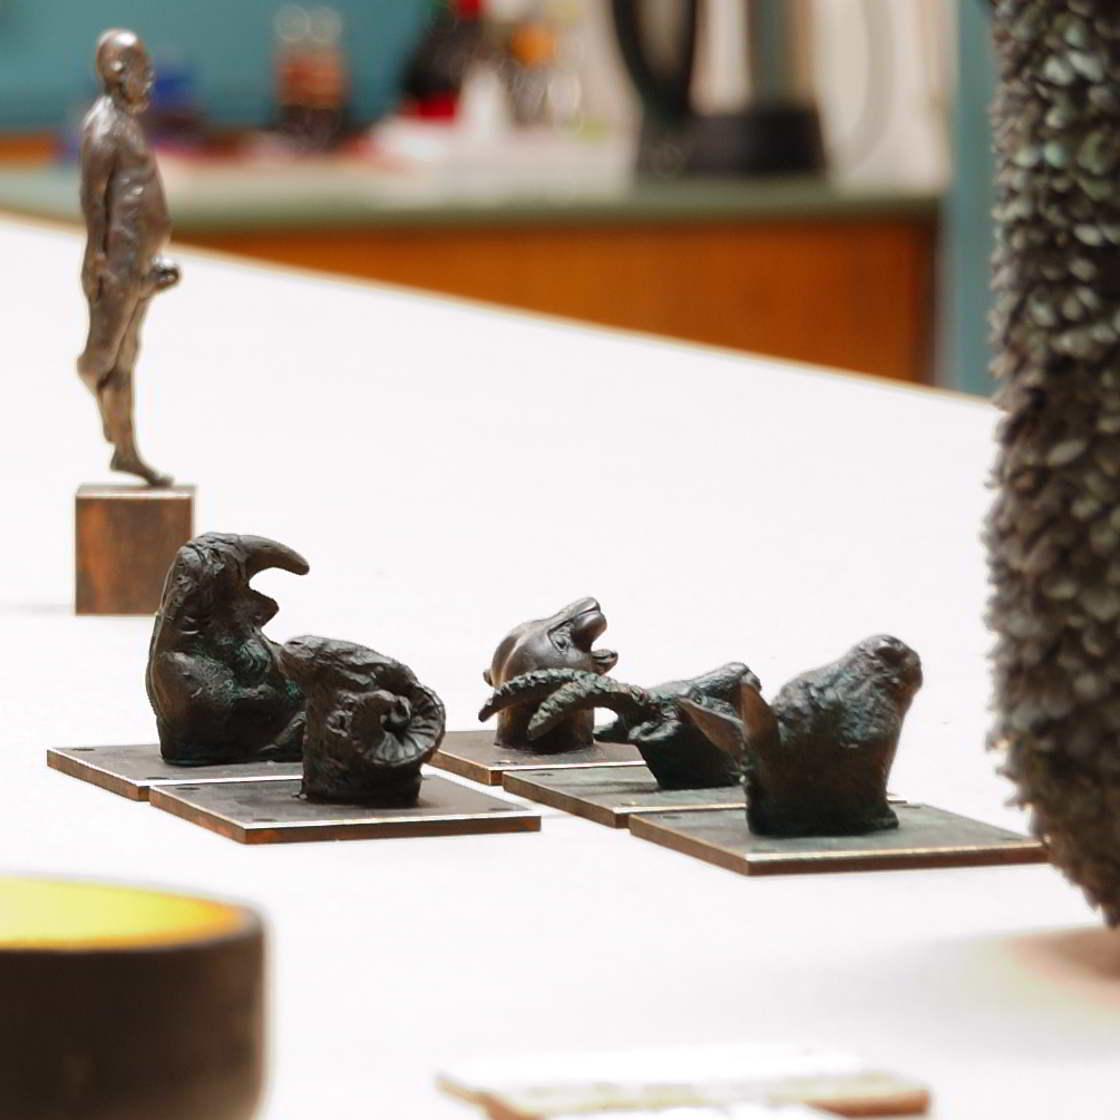 kleine Tierkopf Skulturen wie Widder, Nashorn, Esel, Steinbock und Jaguar. Im Hintergrund ist ein männlicher Akt in Bronze gegossen und auf einem Kupfersockel stehend zu sehen. Im Vordergrund ist ein Gefäß angeschnitten, dass eine sehr meditative Aura hat.